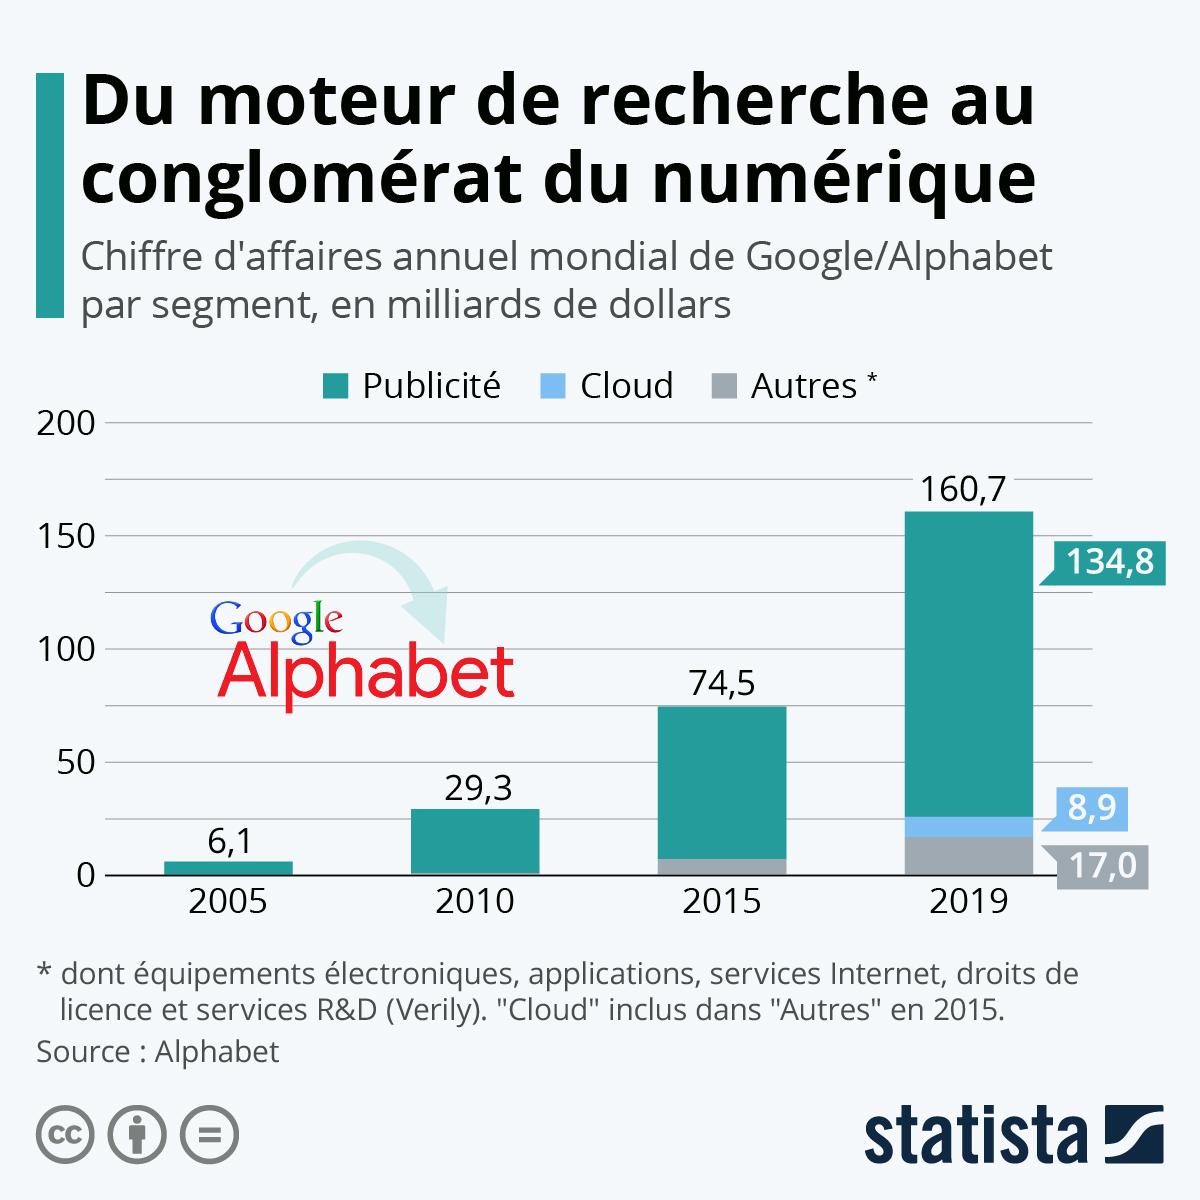 Infographie: Du moteur de recherche au conglomérat numérique | Statista